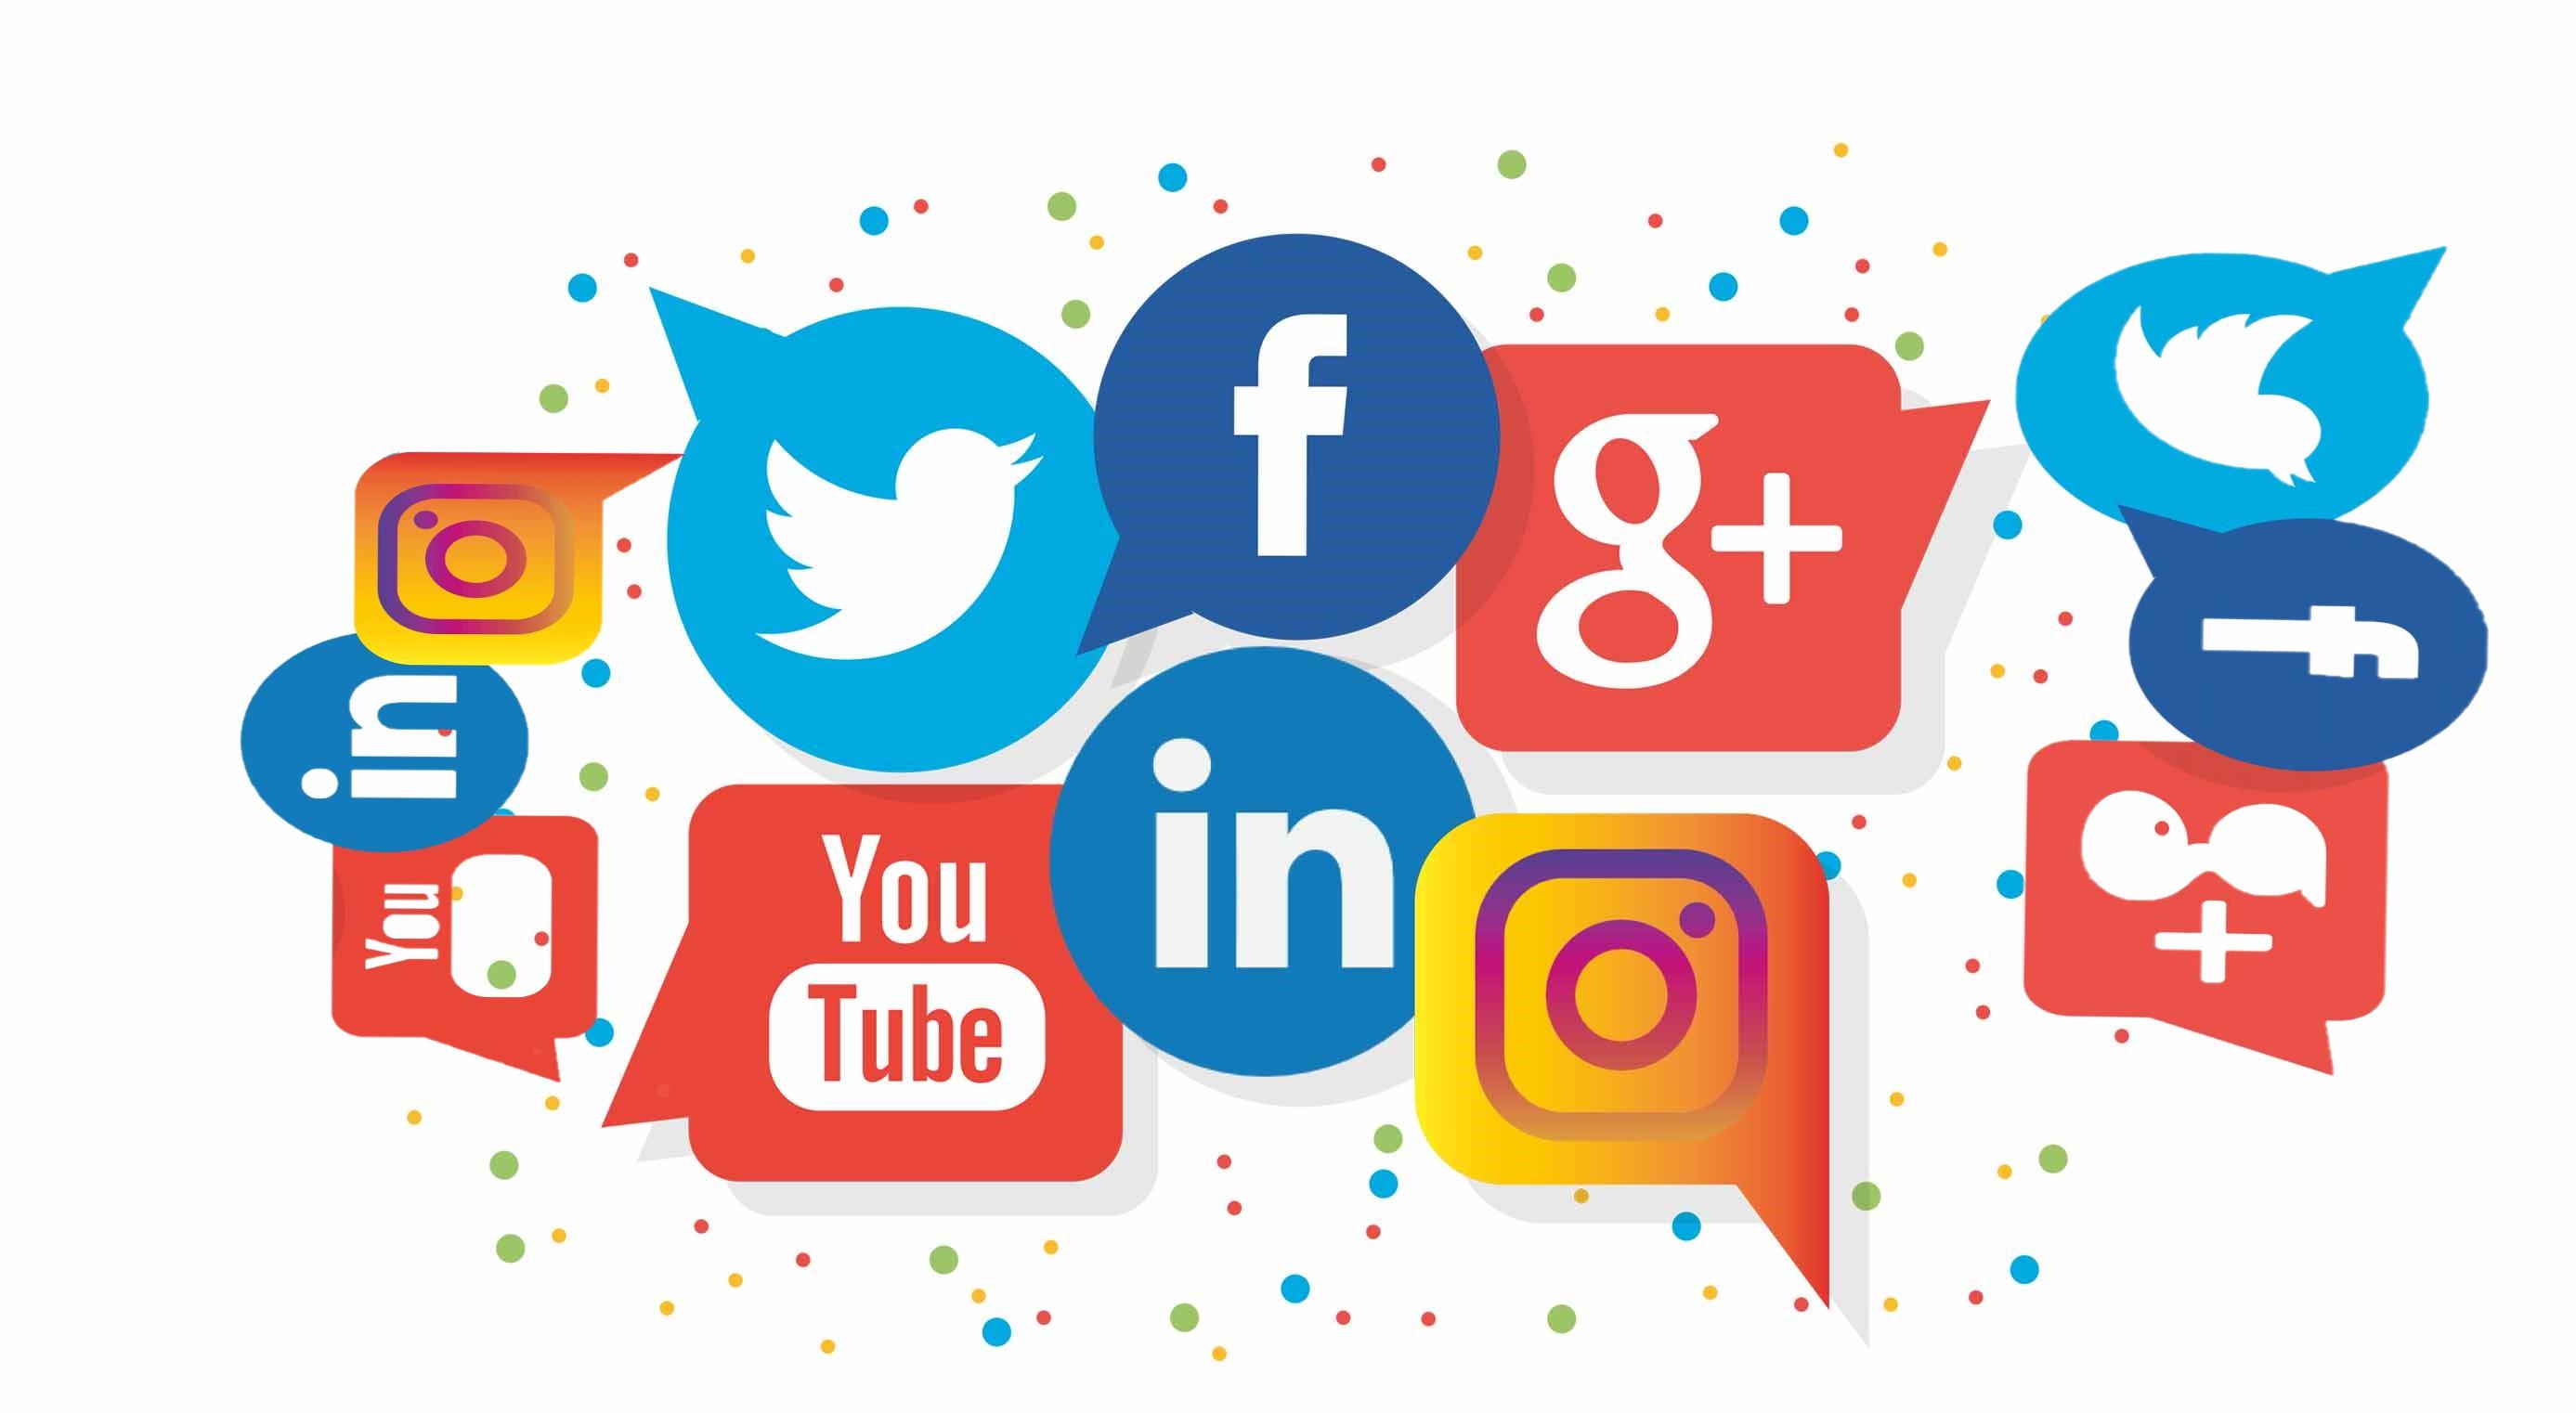 Sosyal medya üzerinde fenomen olma isteği 'paylaşım hastalığını' doğuruyor